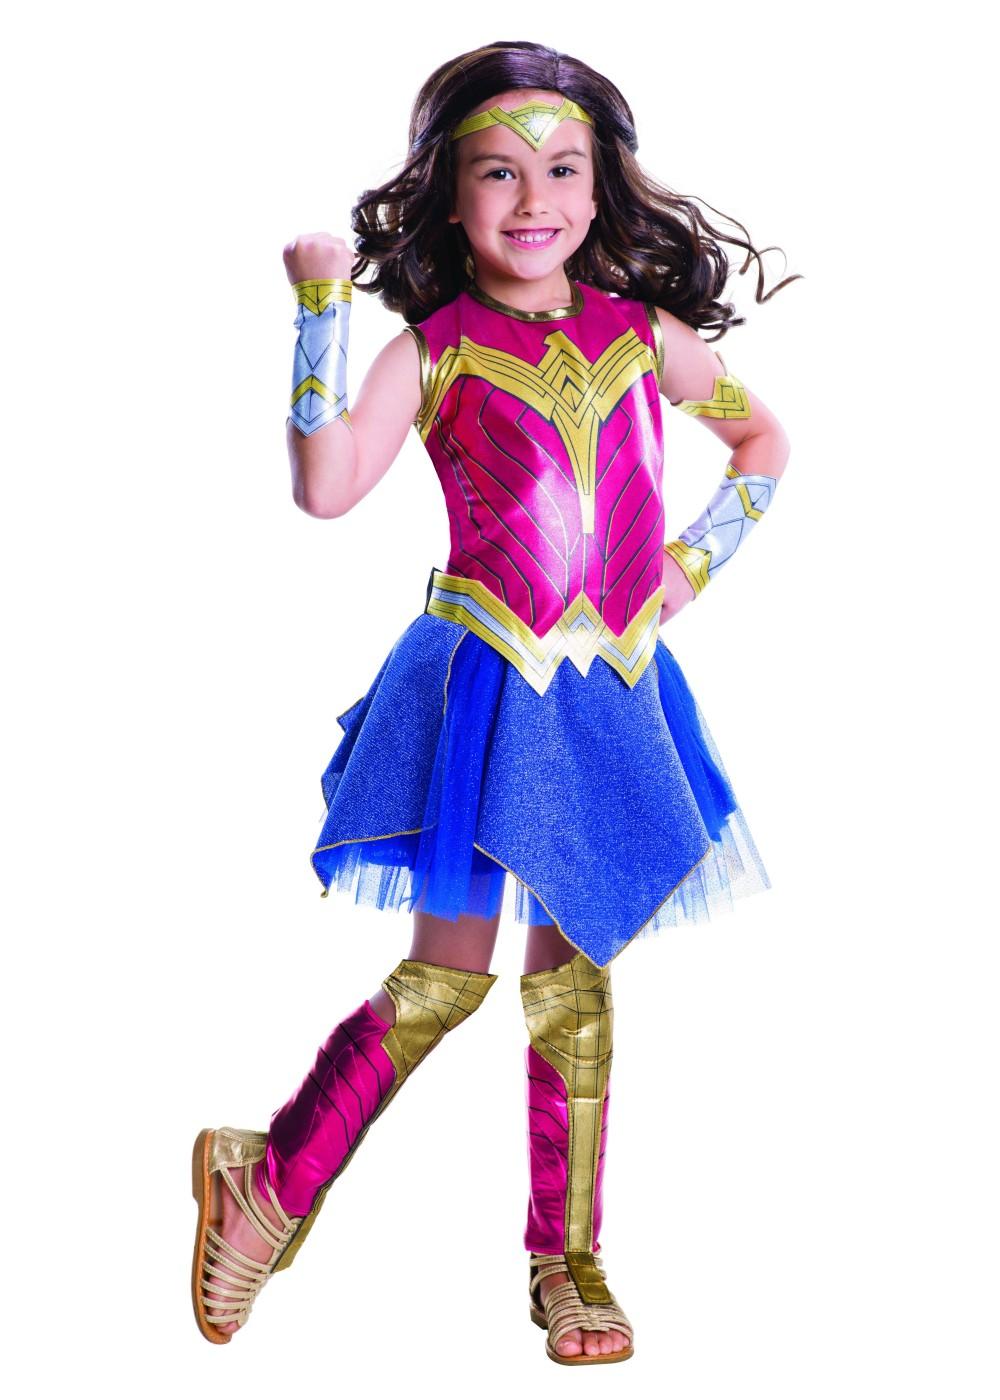 Wonder woman costume leggings-7371